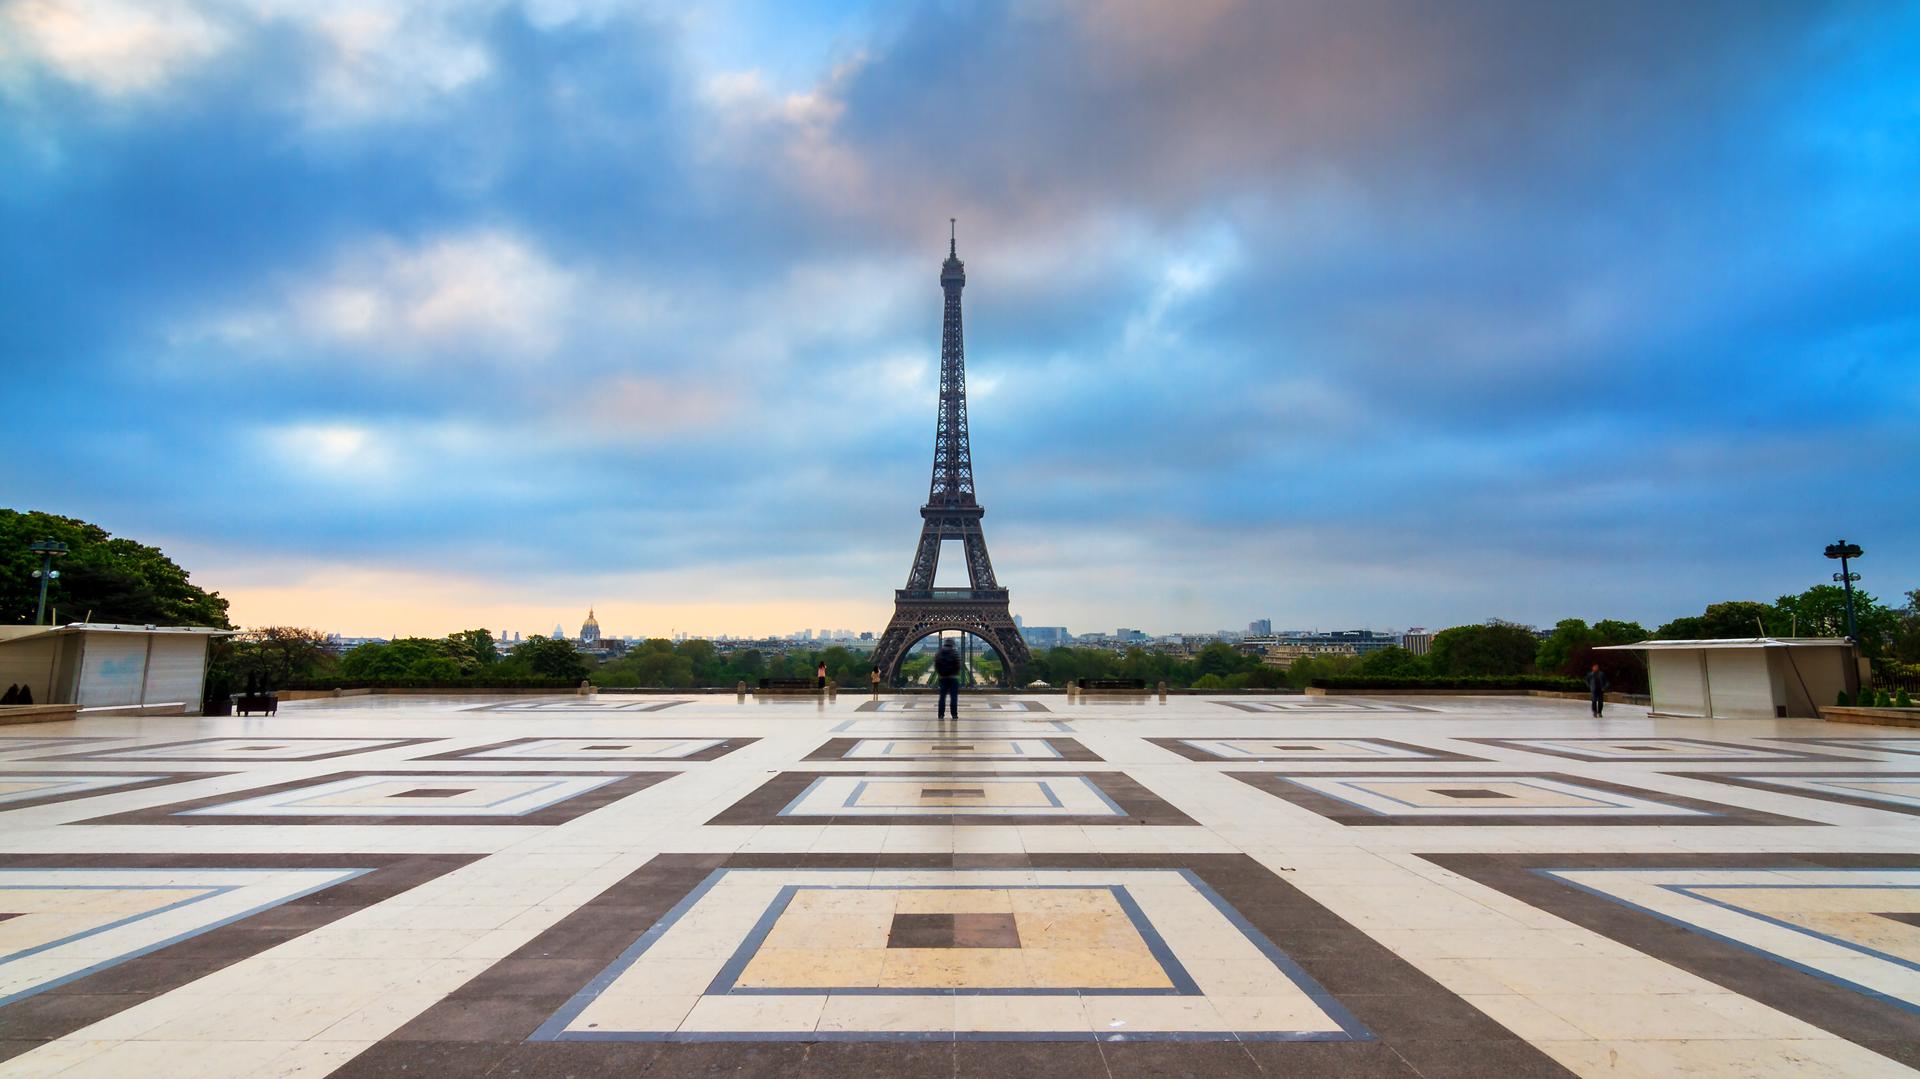 La Torre Eiffel es hoy uno de los atractivos turísticos más importantes del mundo, con más de 6 millones de visitantes anuales (Getty)